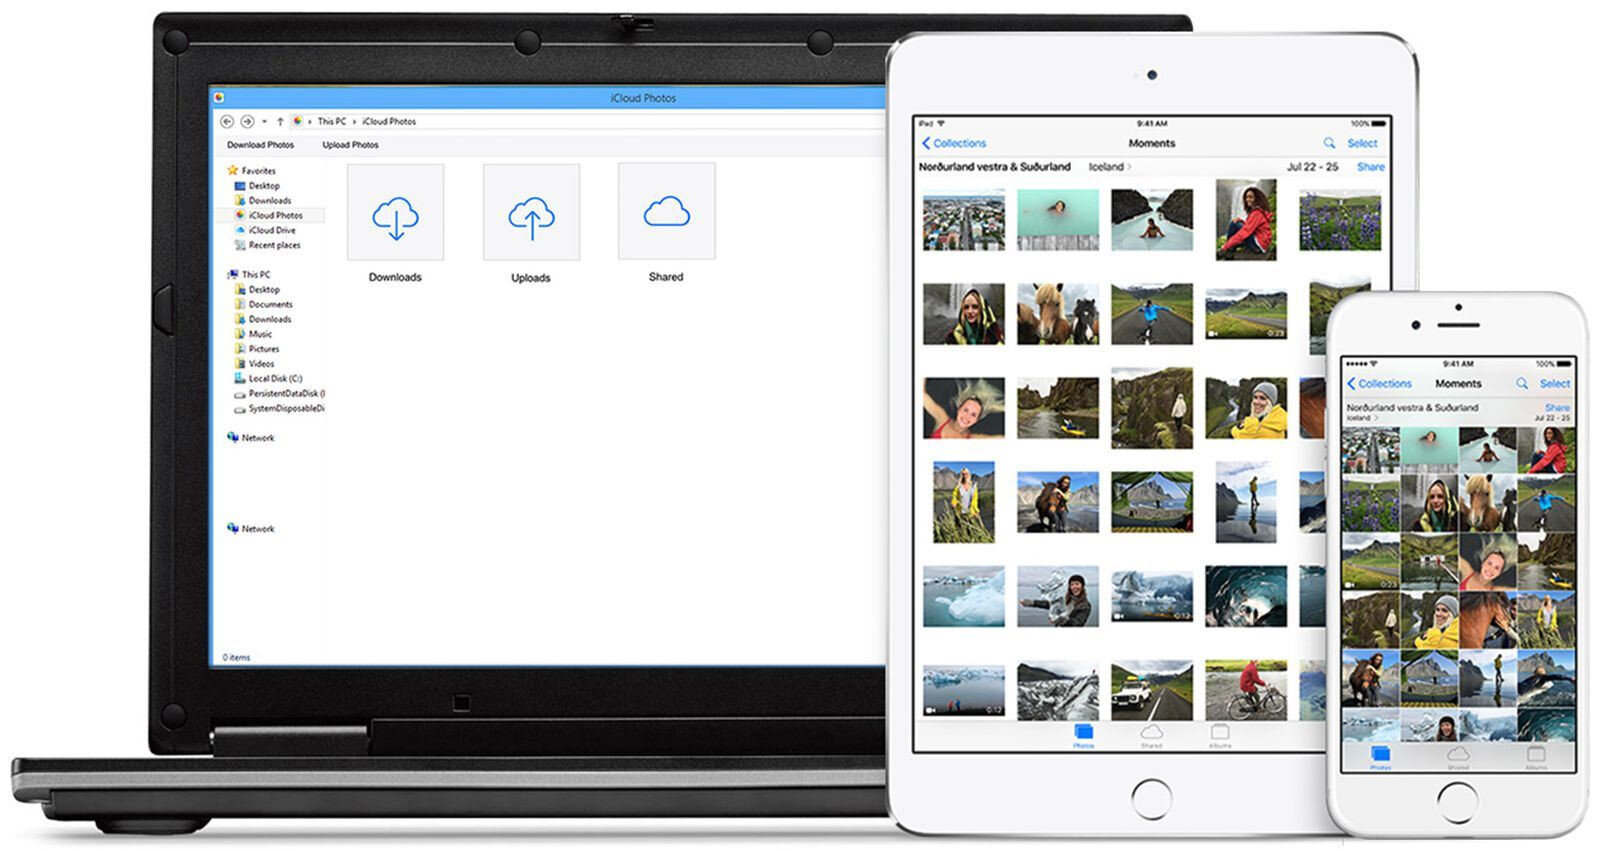 İlk yöntemde bilgisayar kullanarak iPhone'lardaki fotoğrafları aktarma işlemi gerçekleştirilebiliyor.